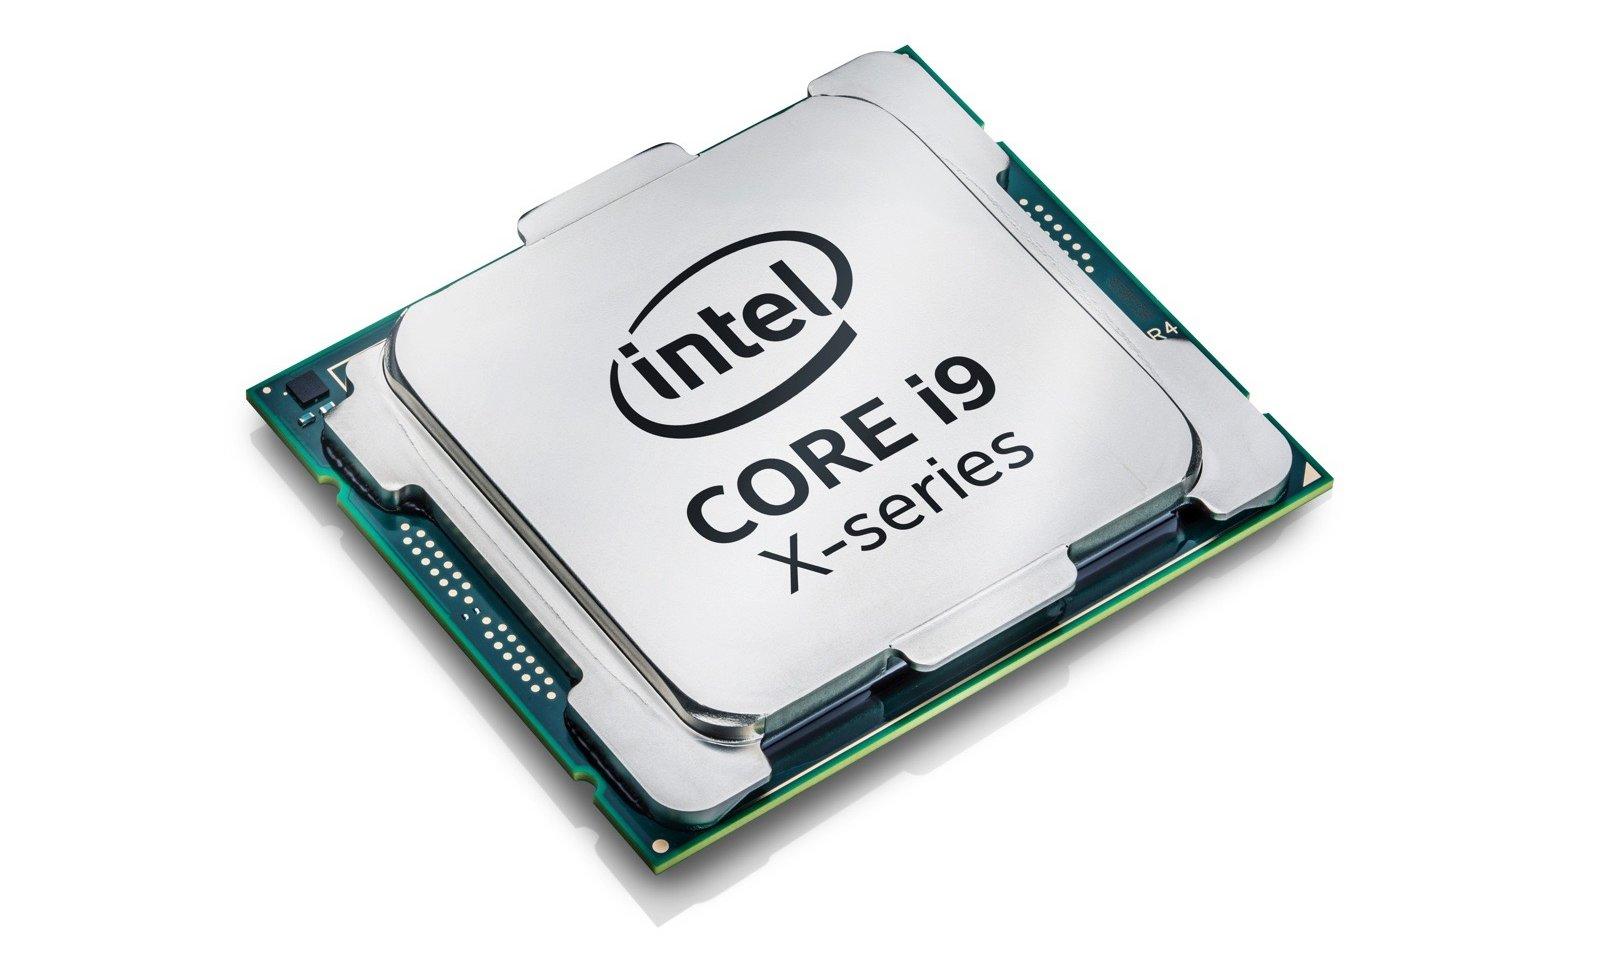 Вместе с 28-ядерным процессором Intel Skylake-X будет представлена премиальная платформа X599 с поддержкой 6-канальной памяти